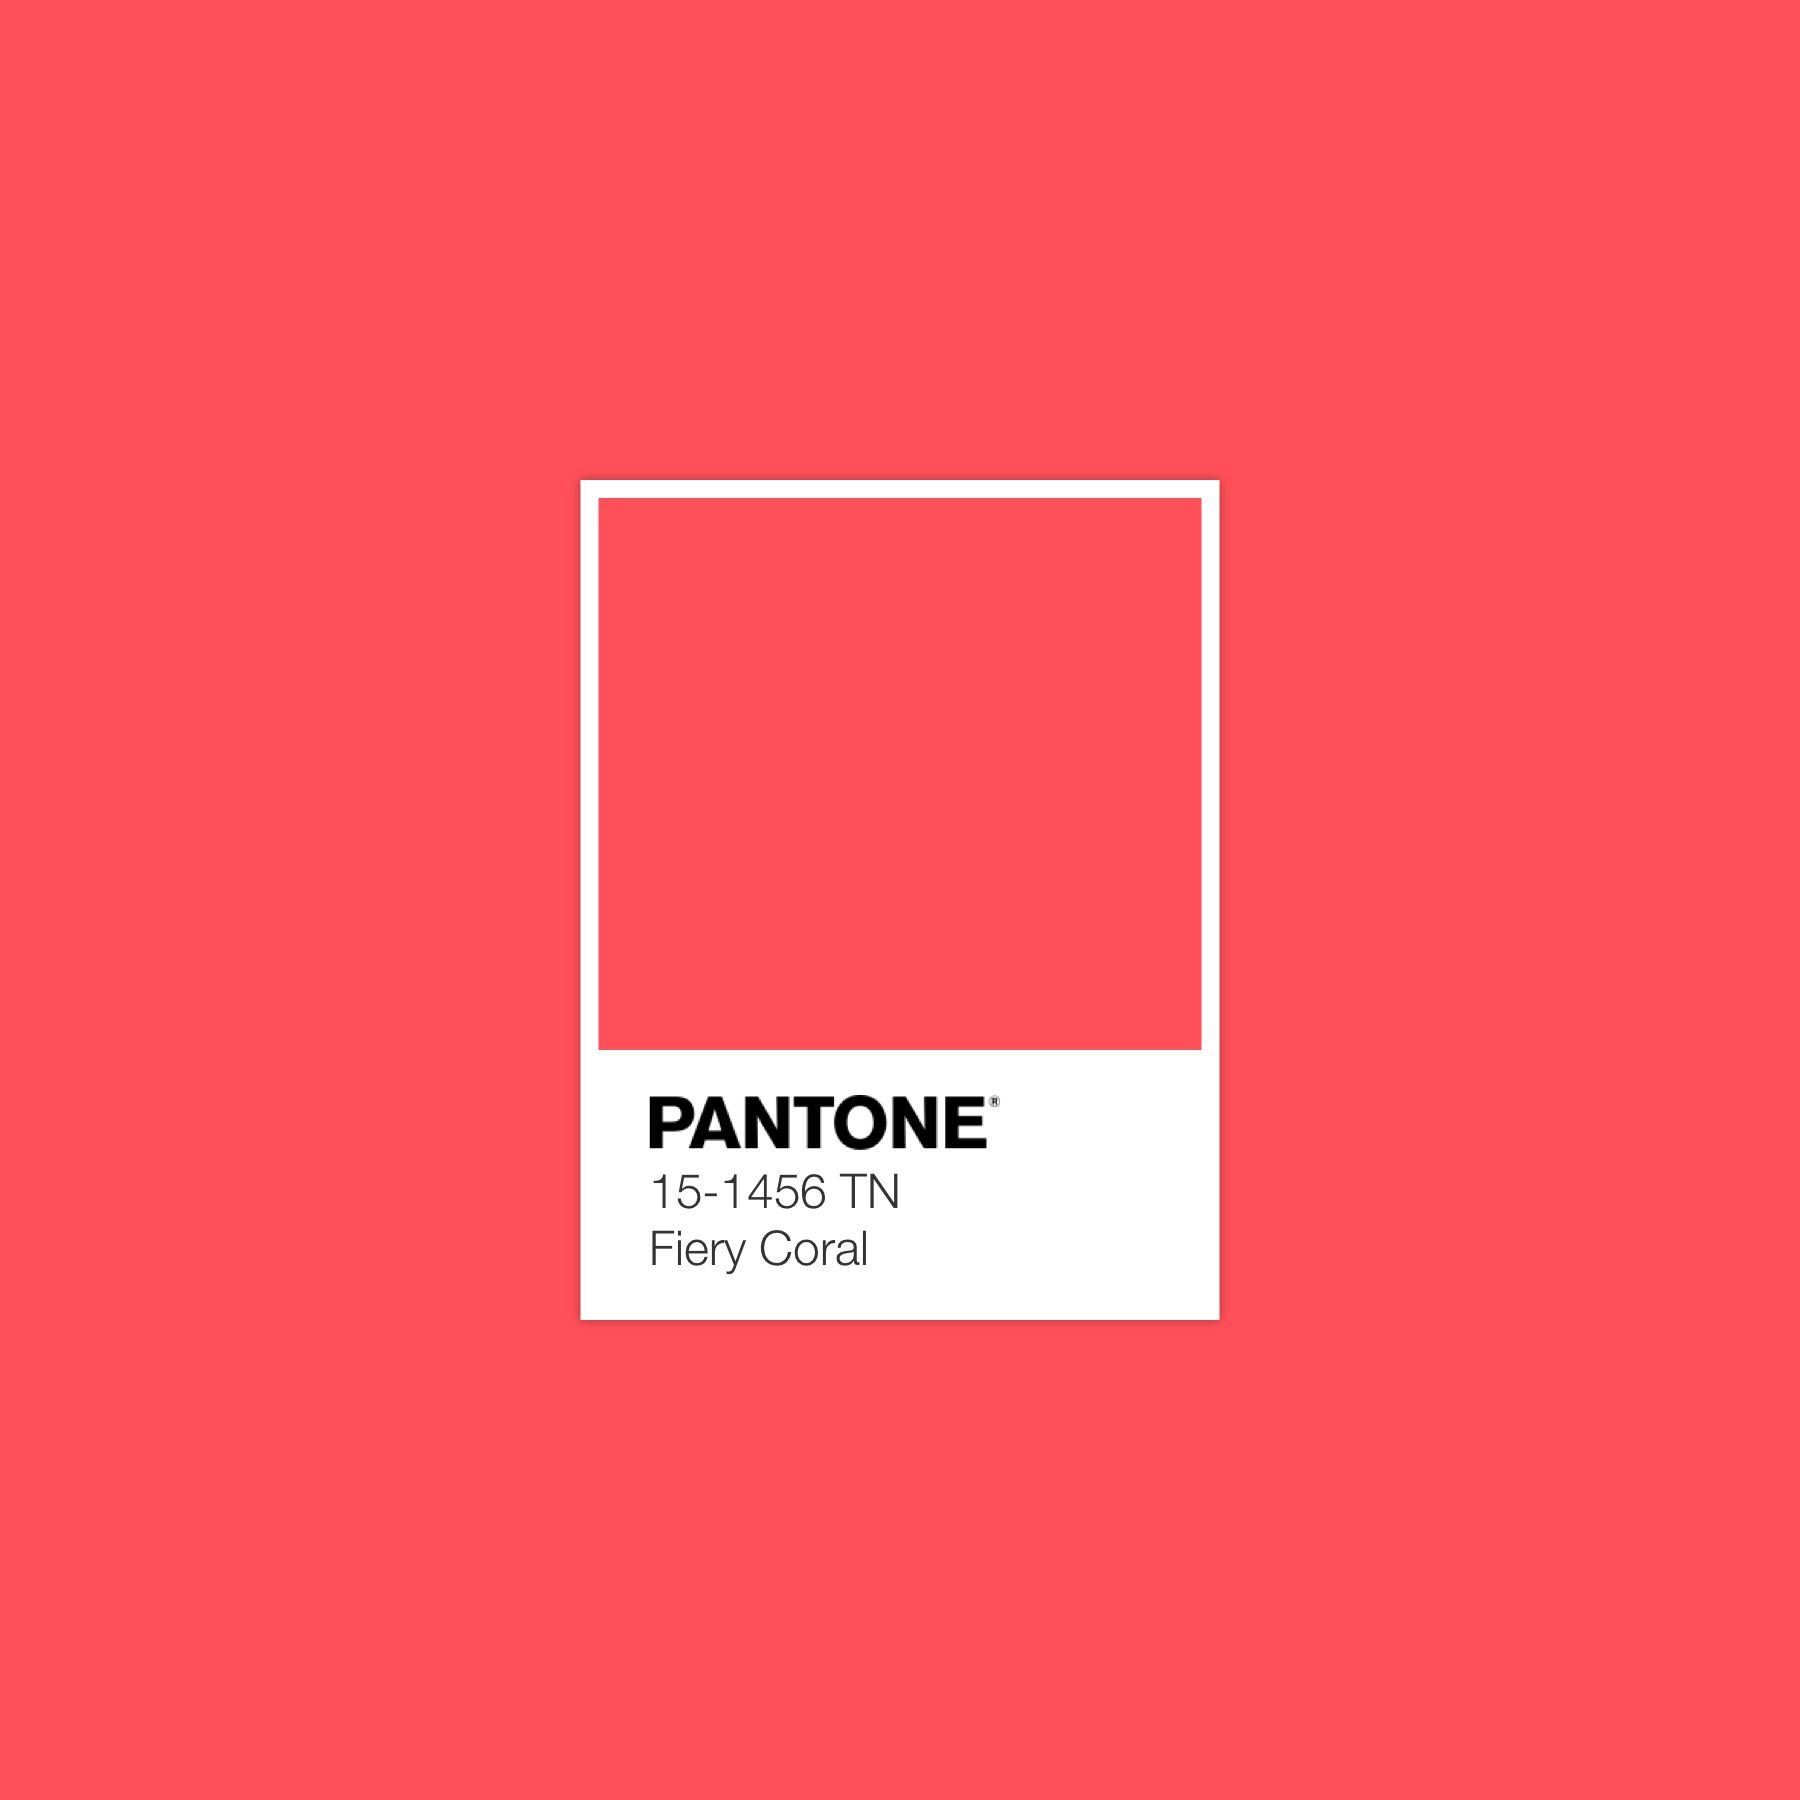 pantone fiery coral luxurydotcom color palette black 3c 8062 c